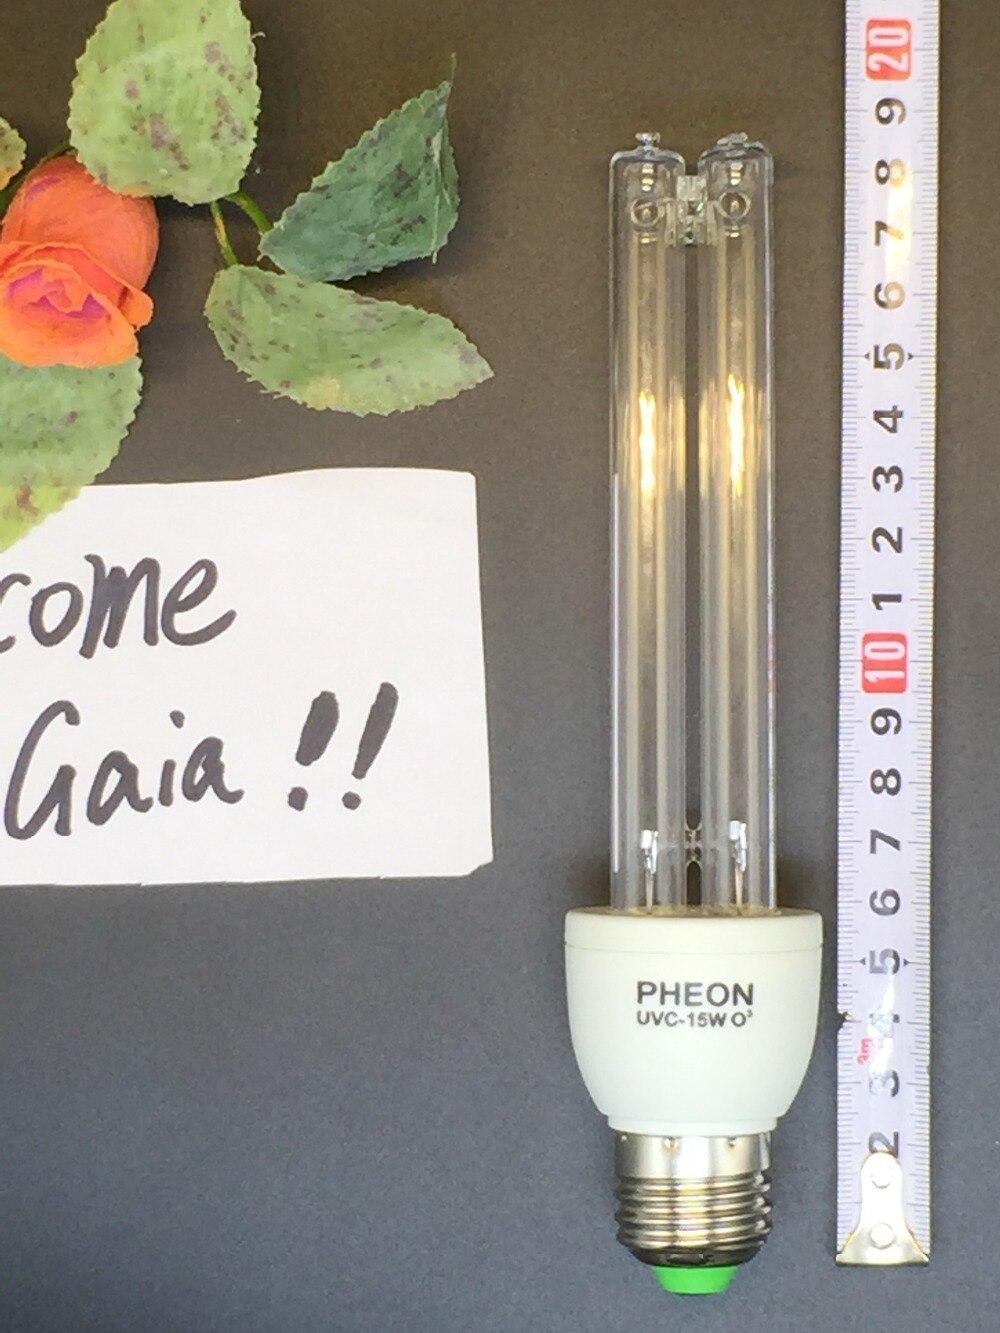 Uvc Ozon Kuman Deodoran Compact Fluorescent Lampu 220 V 15 W E27 Aquarium Uv Light Yang 15w Dasar Sekrup Sterilisasi Cahaya Cfl Di Ultraviolet Dari Pencahayaan